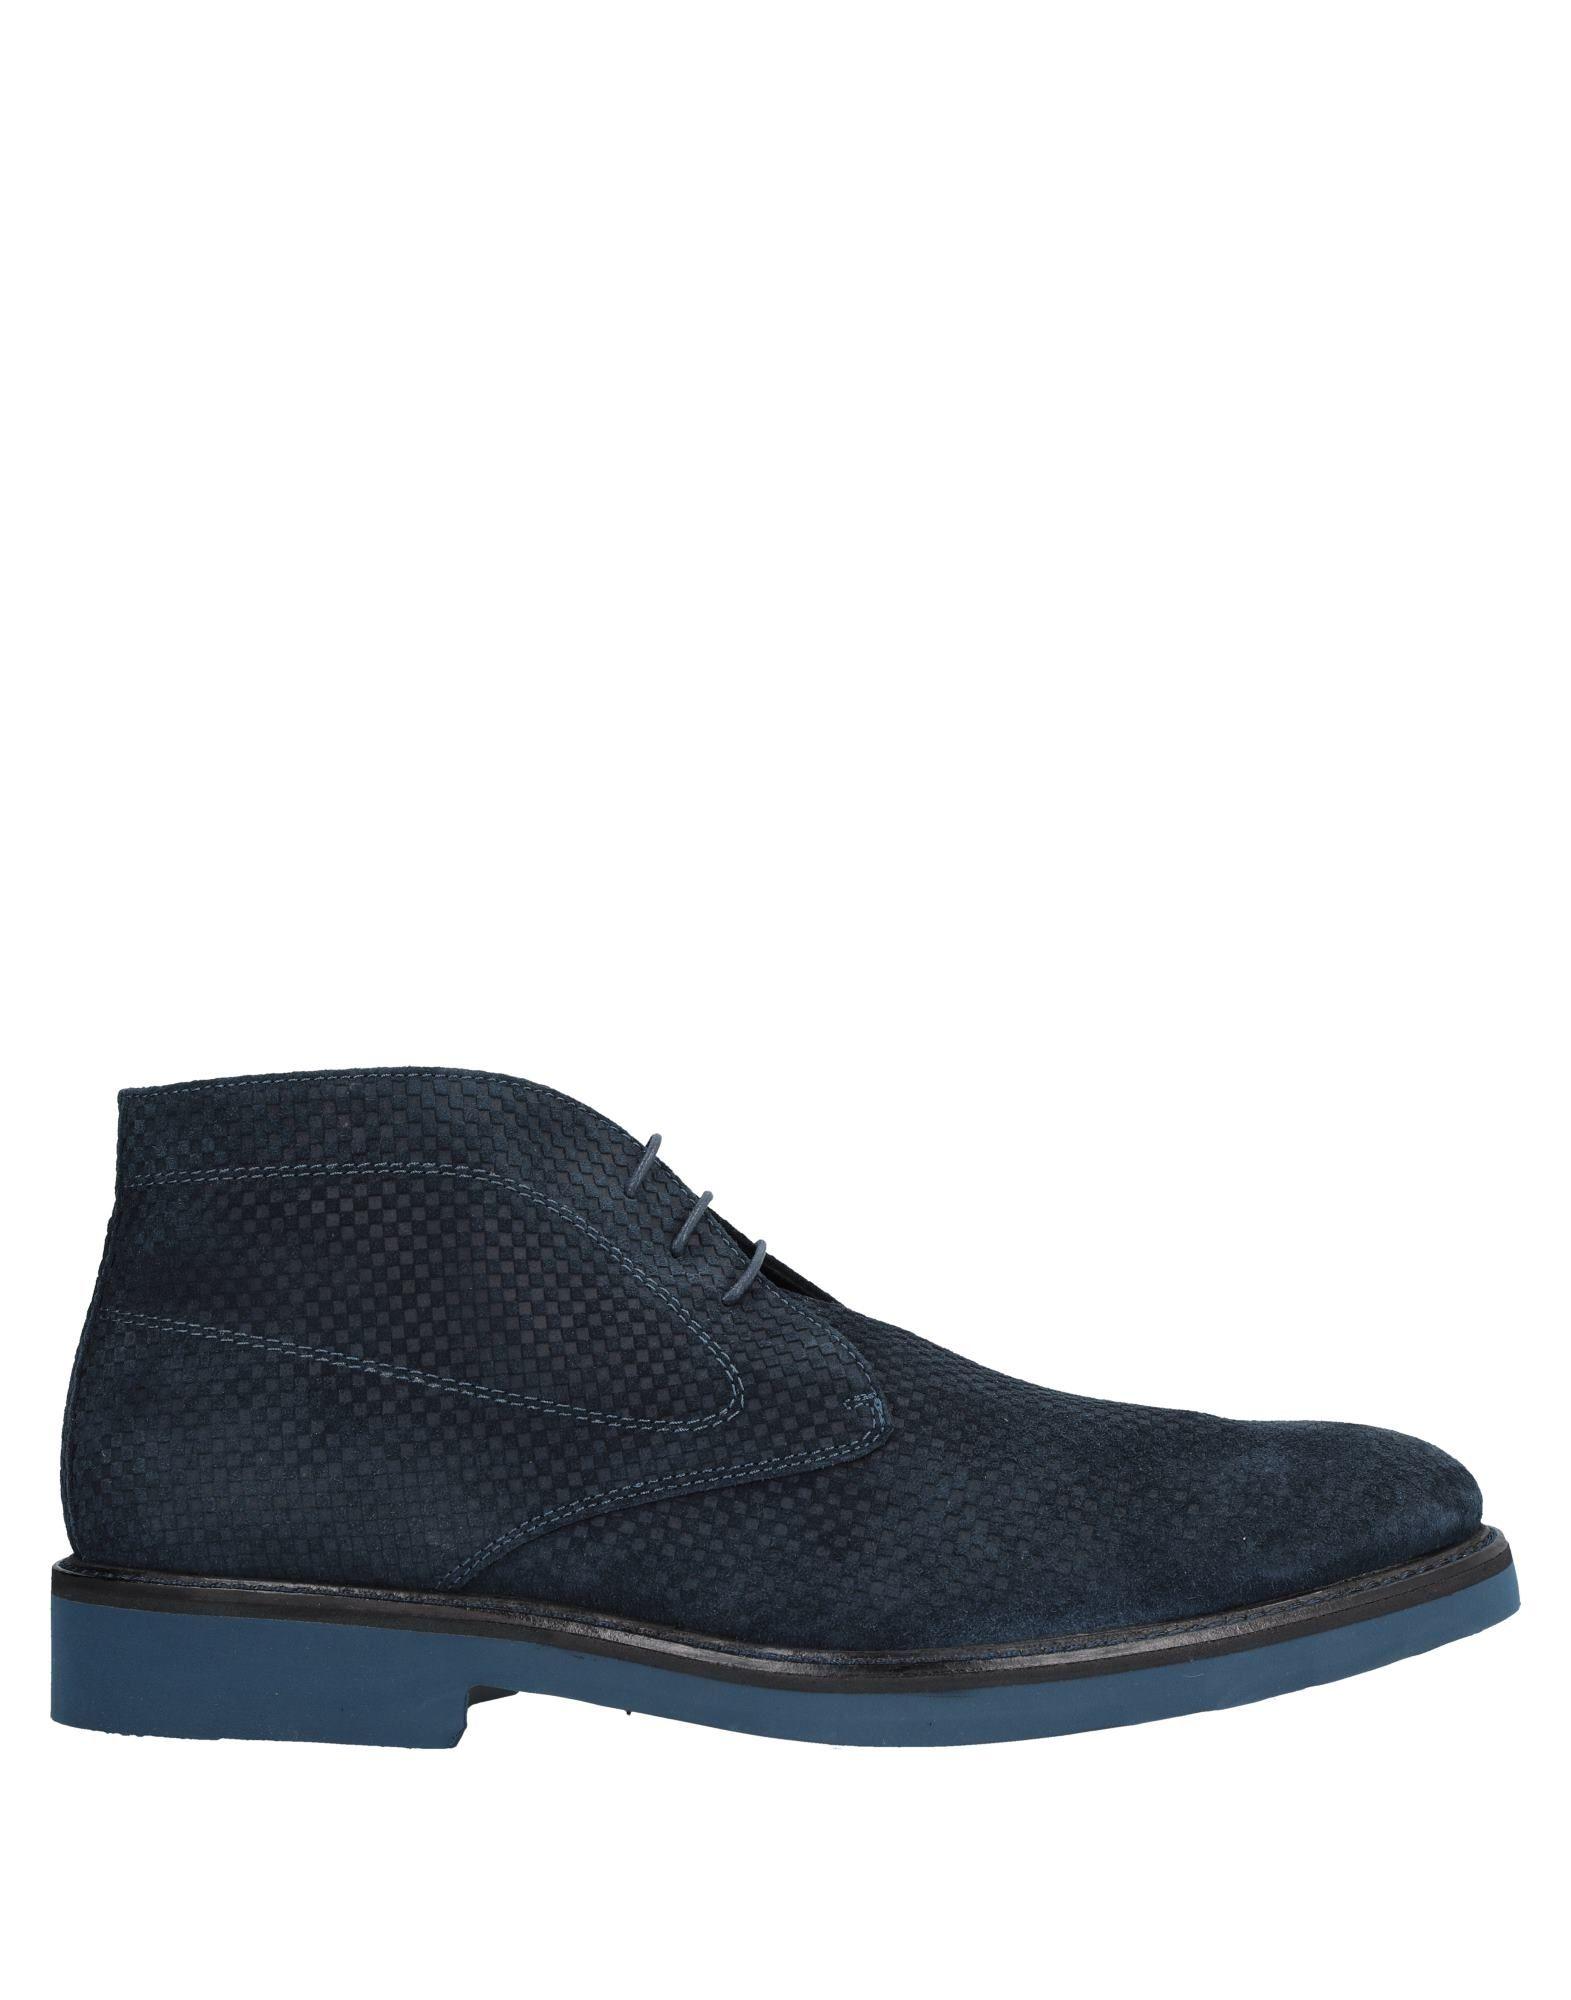 Rabatt echte Schuhe Gold Brothers Stiefelette Herren  11527555KV